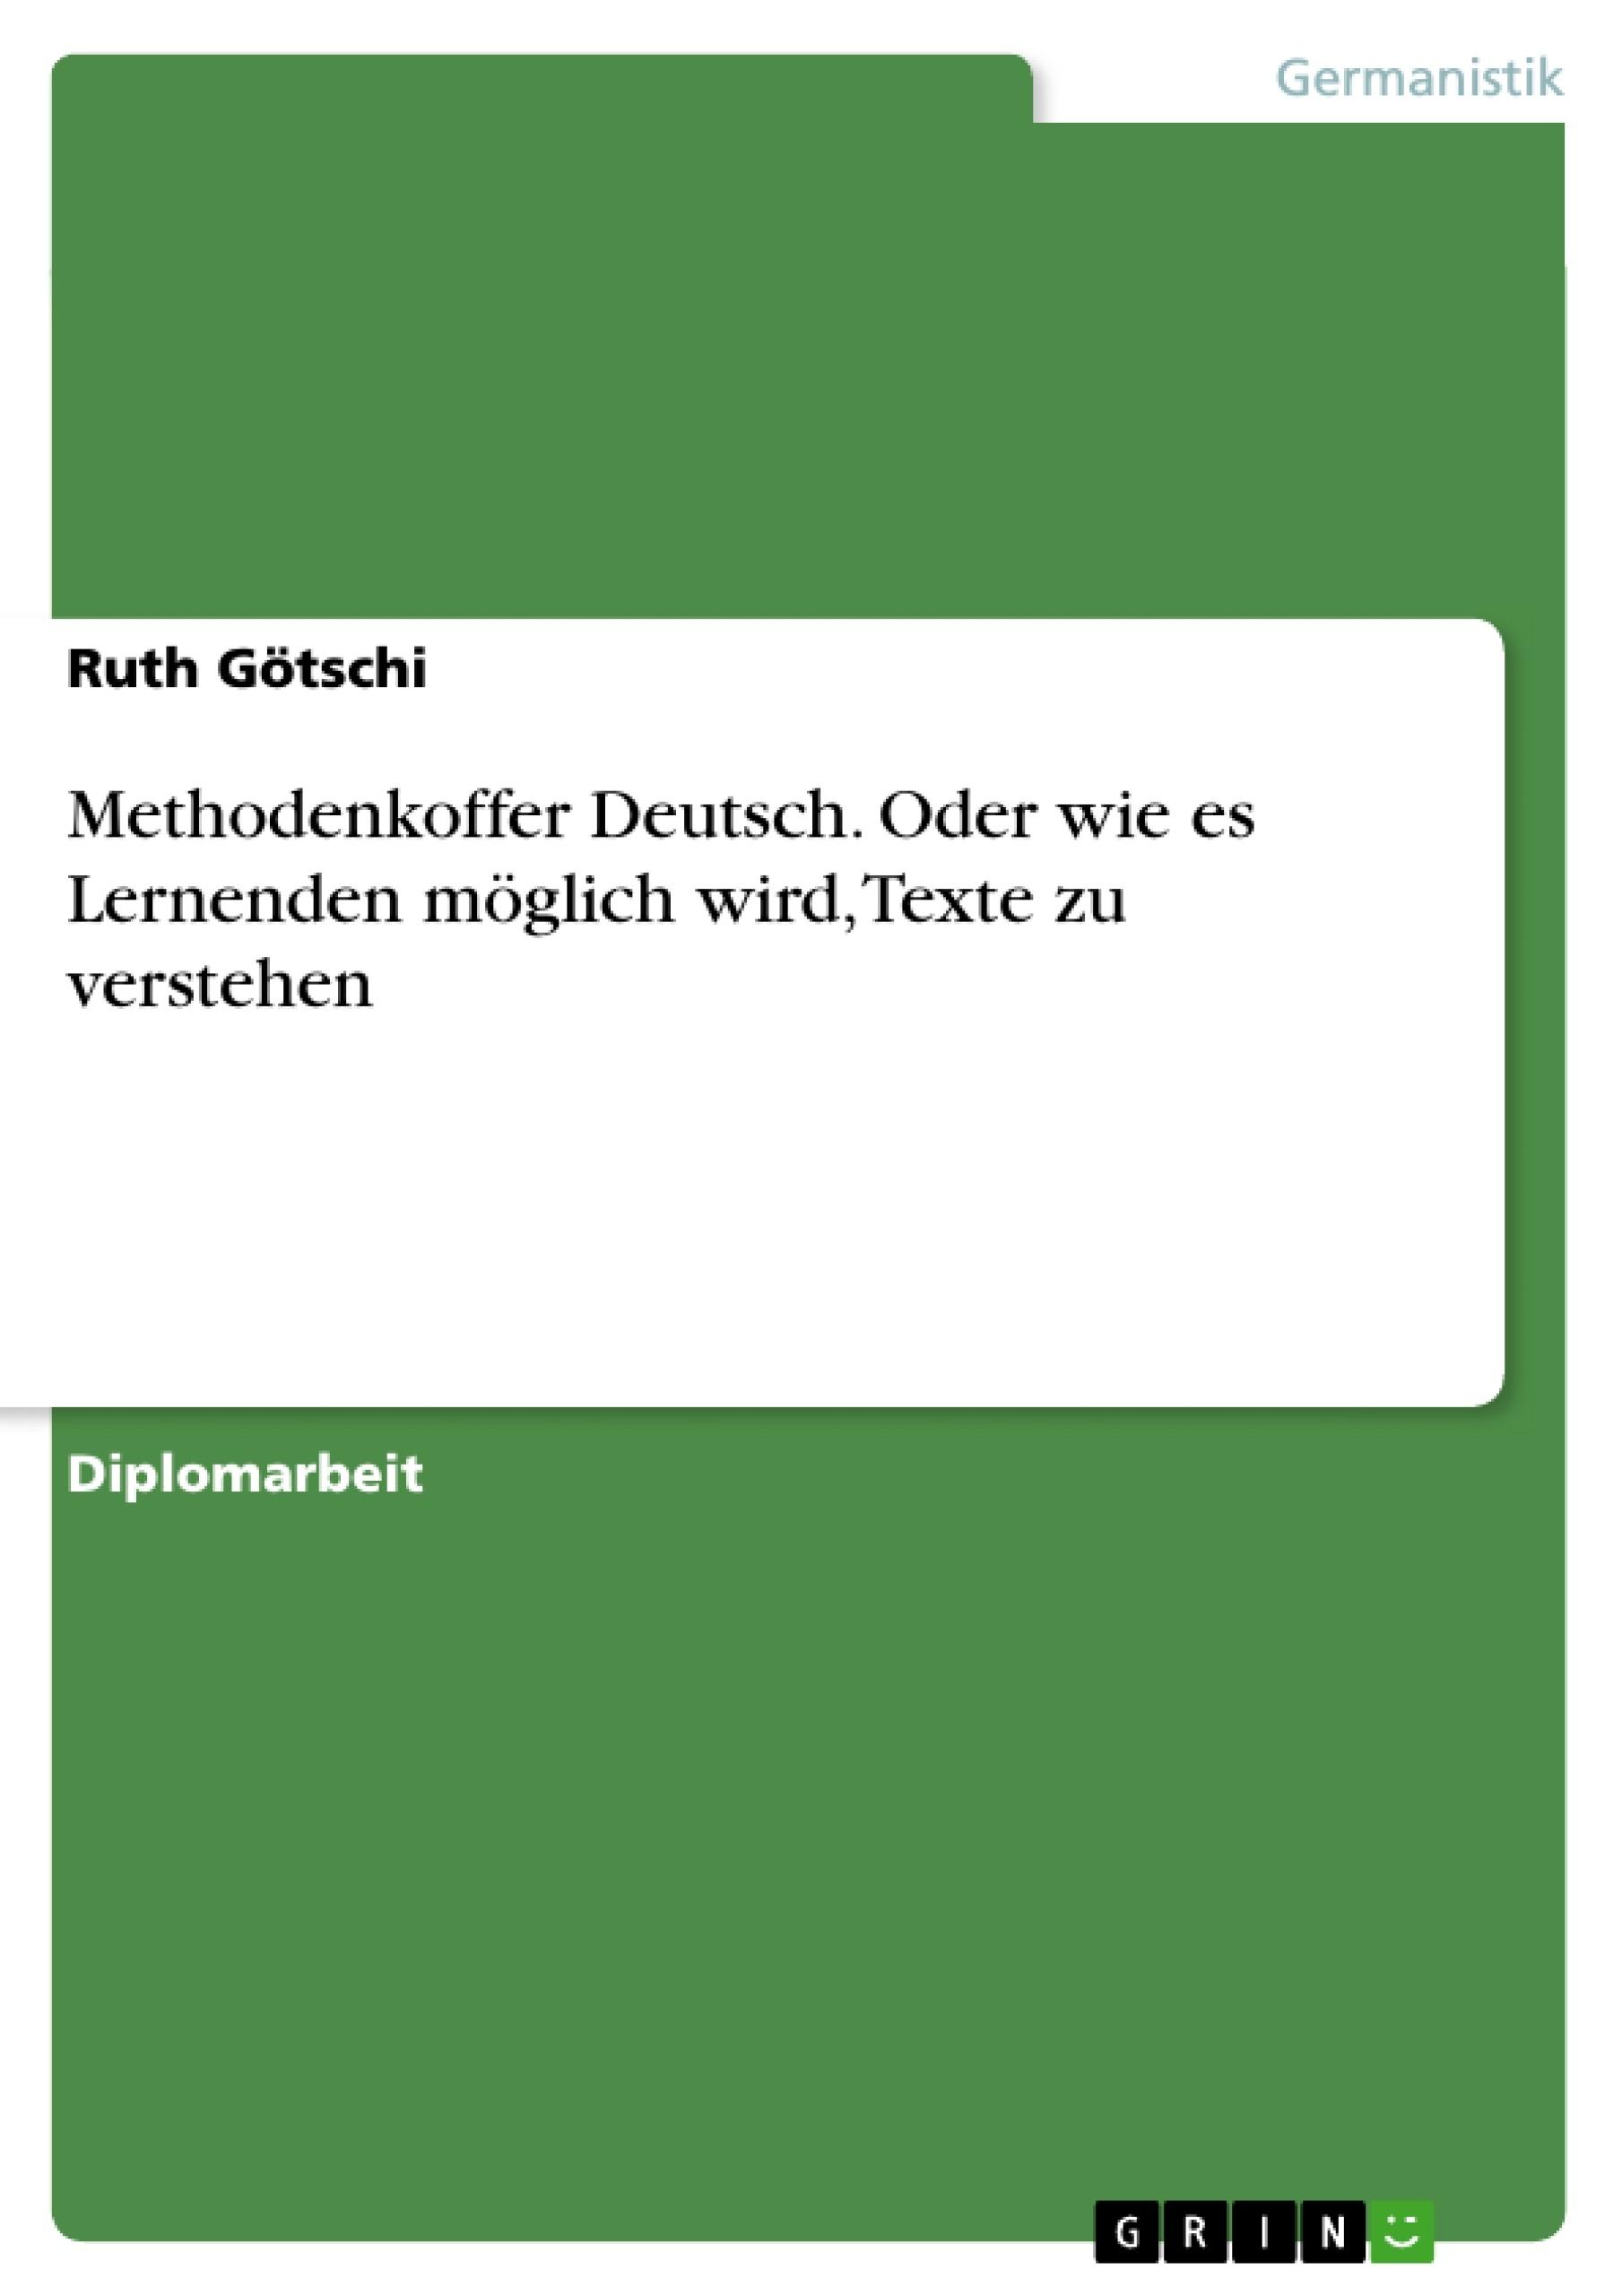 Titel: Methodenkoffer Deutsch. Oder wie es Lernenden möglich wird, Texte zu verstehen